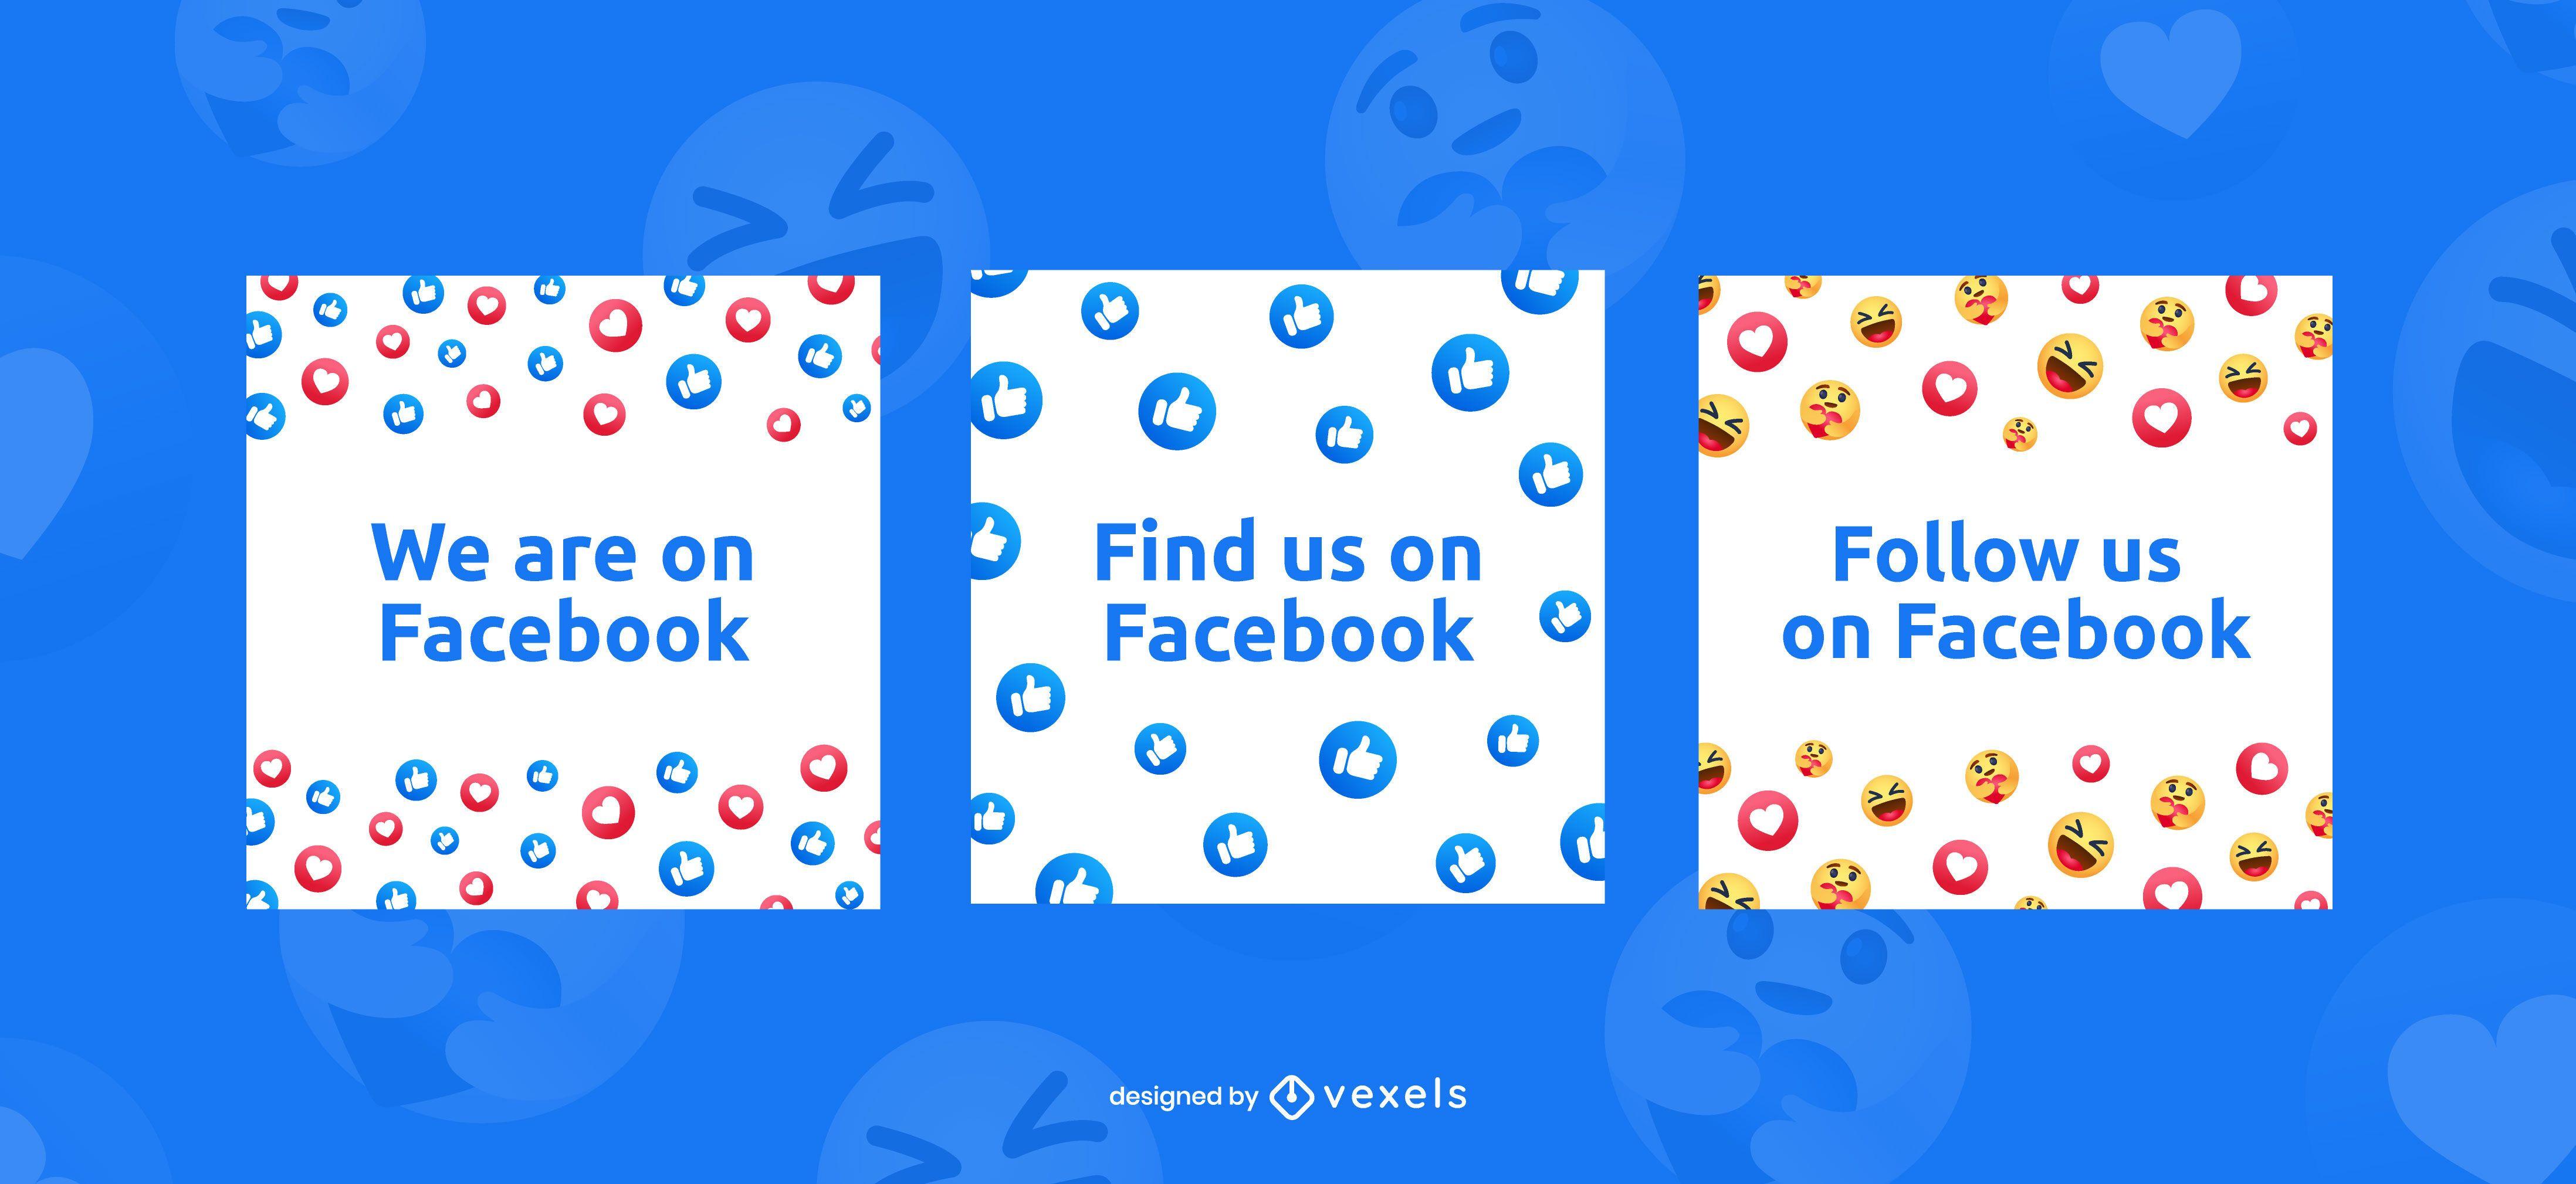 Find us on facebook banner set